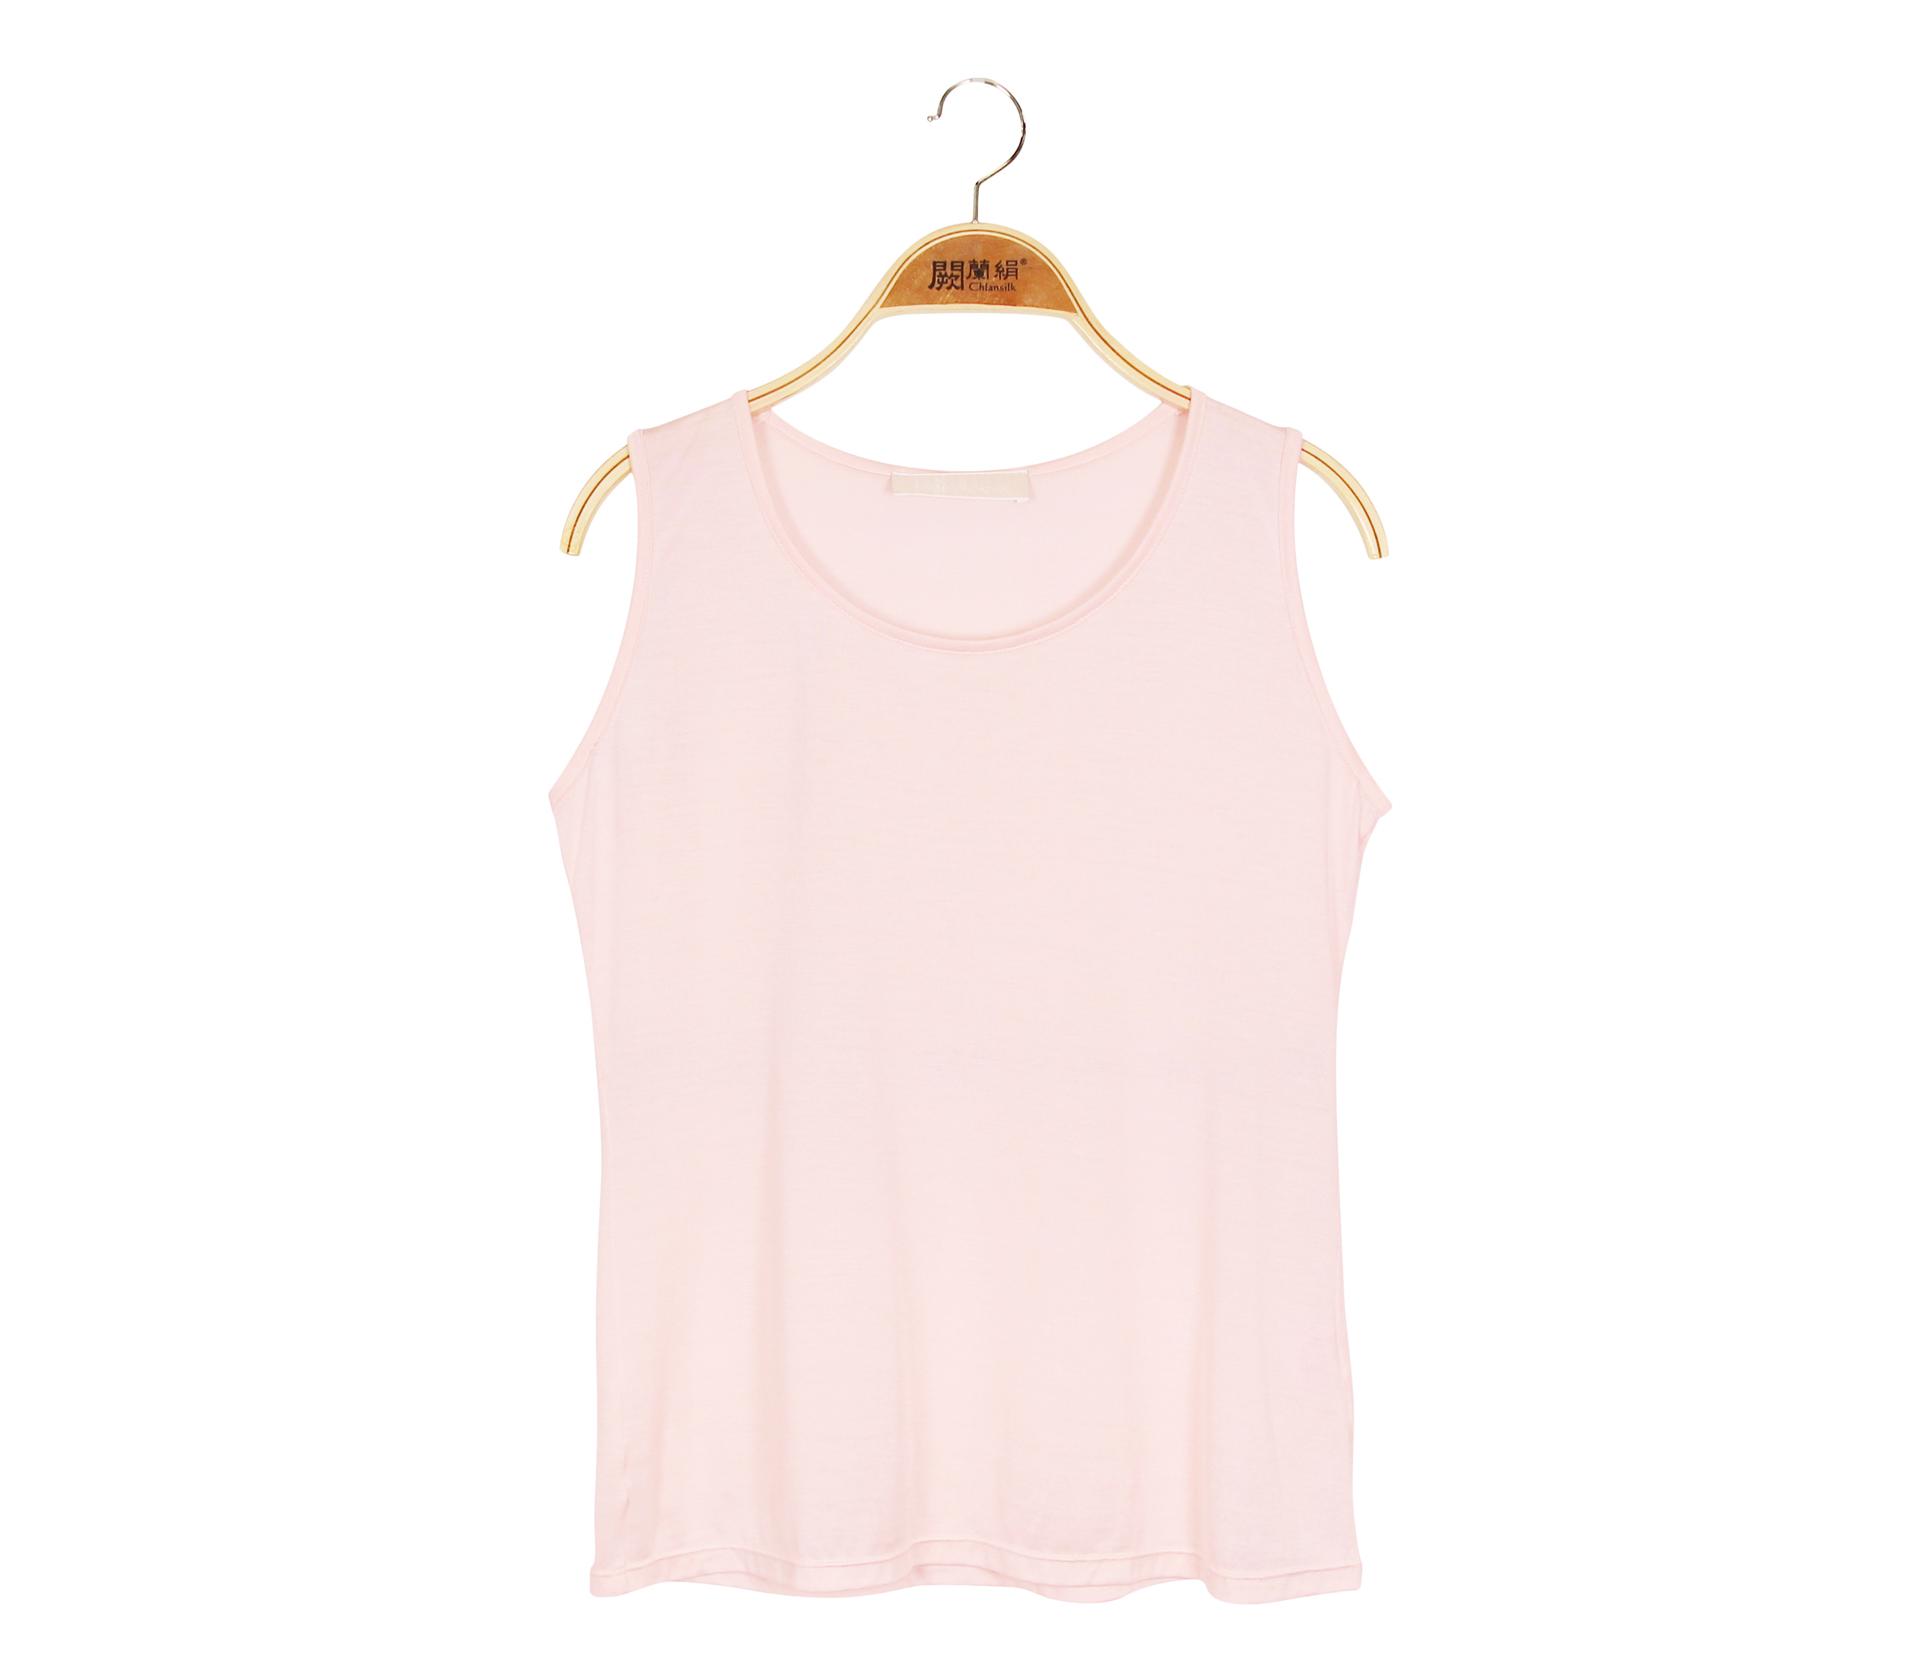 闕蘭絹素面圓領絹絲背心 - 粉色 - 9927